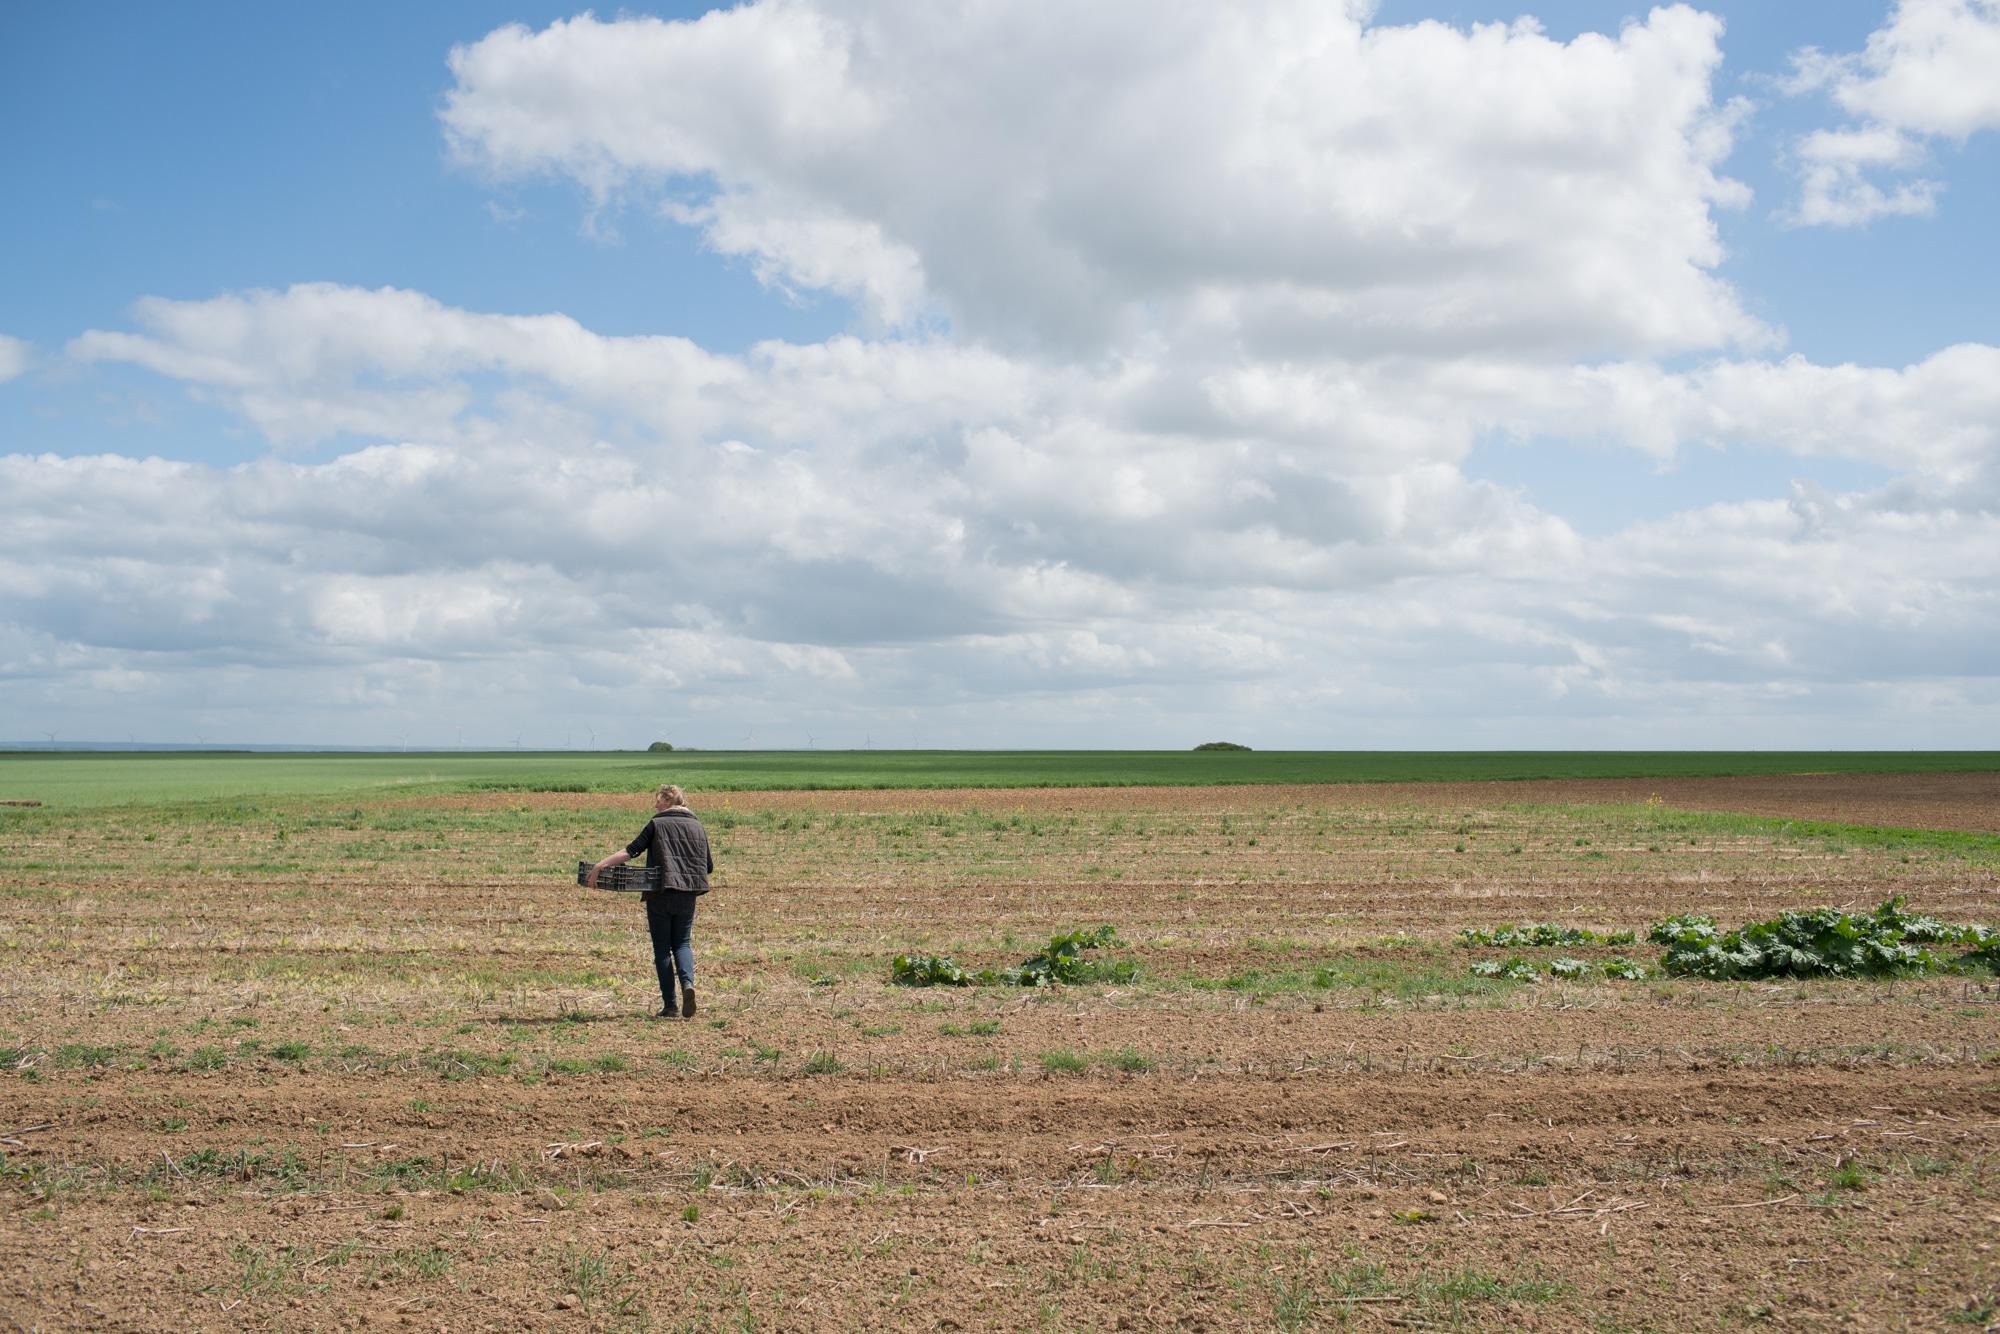 Sophie marche au milieu d'un champ, une cagette vide posée sur sa hanche.